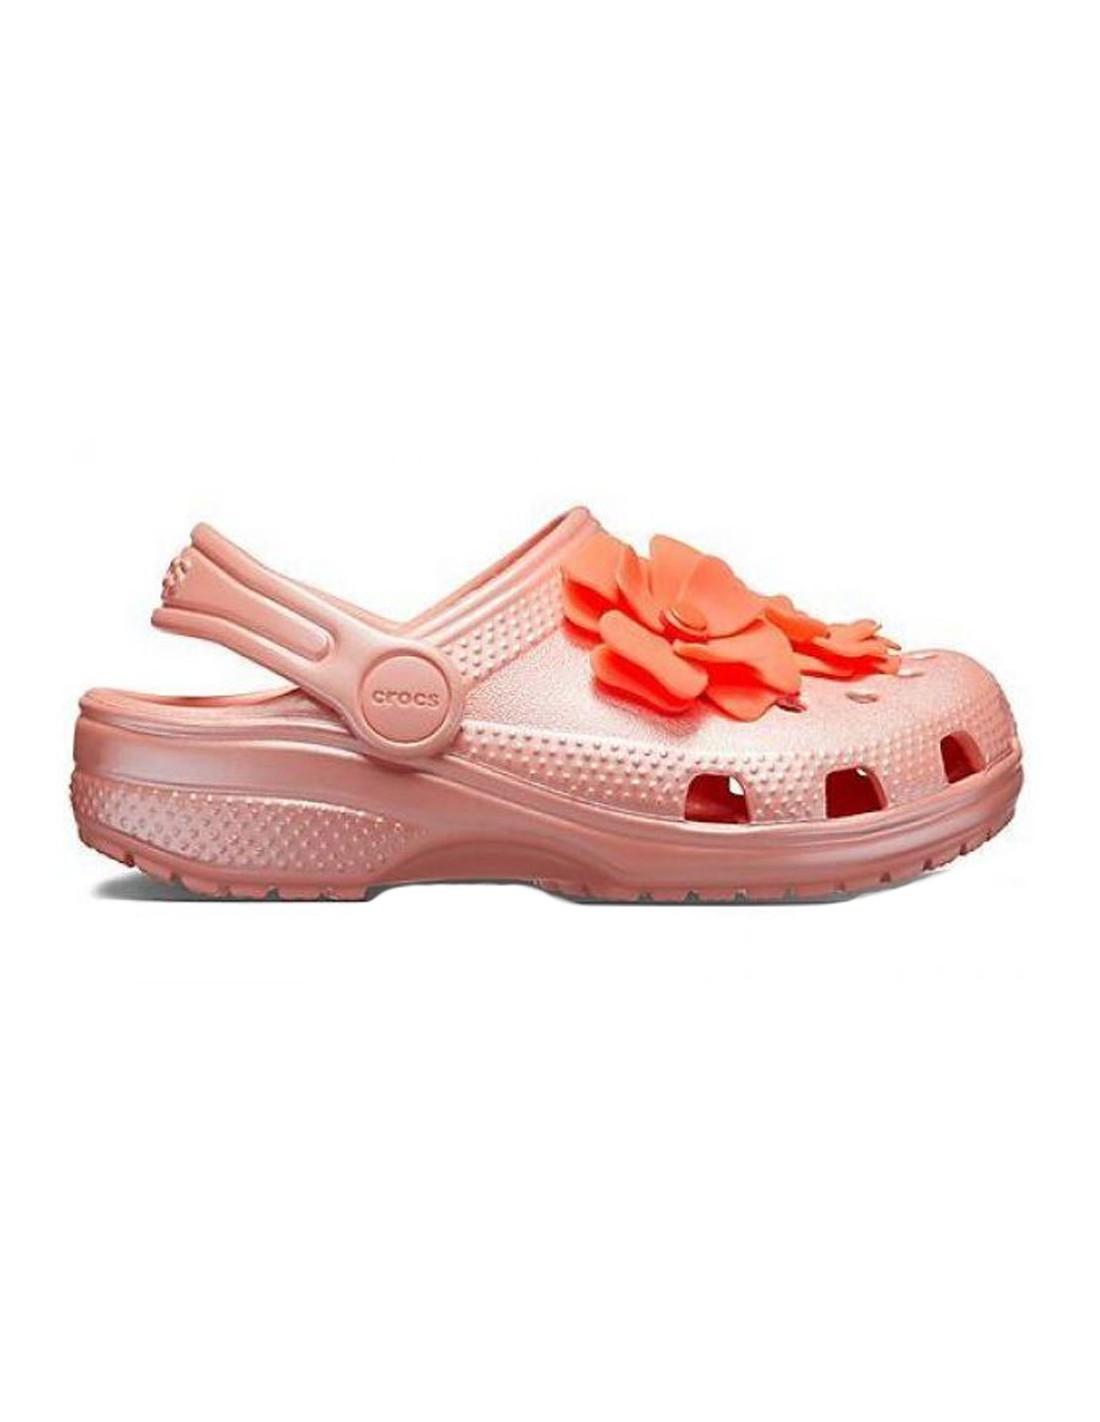 Blooms Rosa Clog Crocs Bambina Sandalo LA453Rj